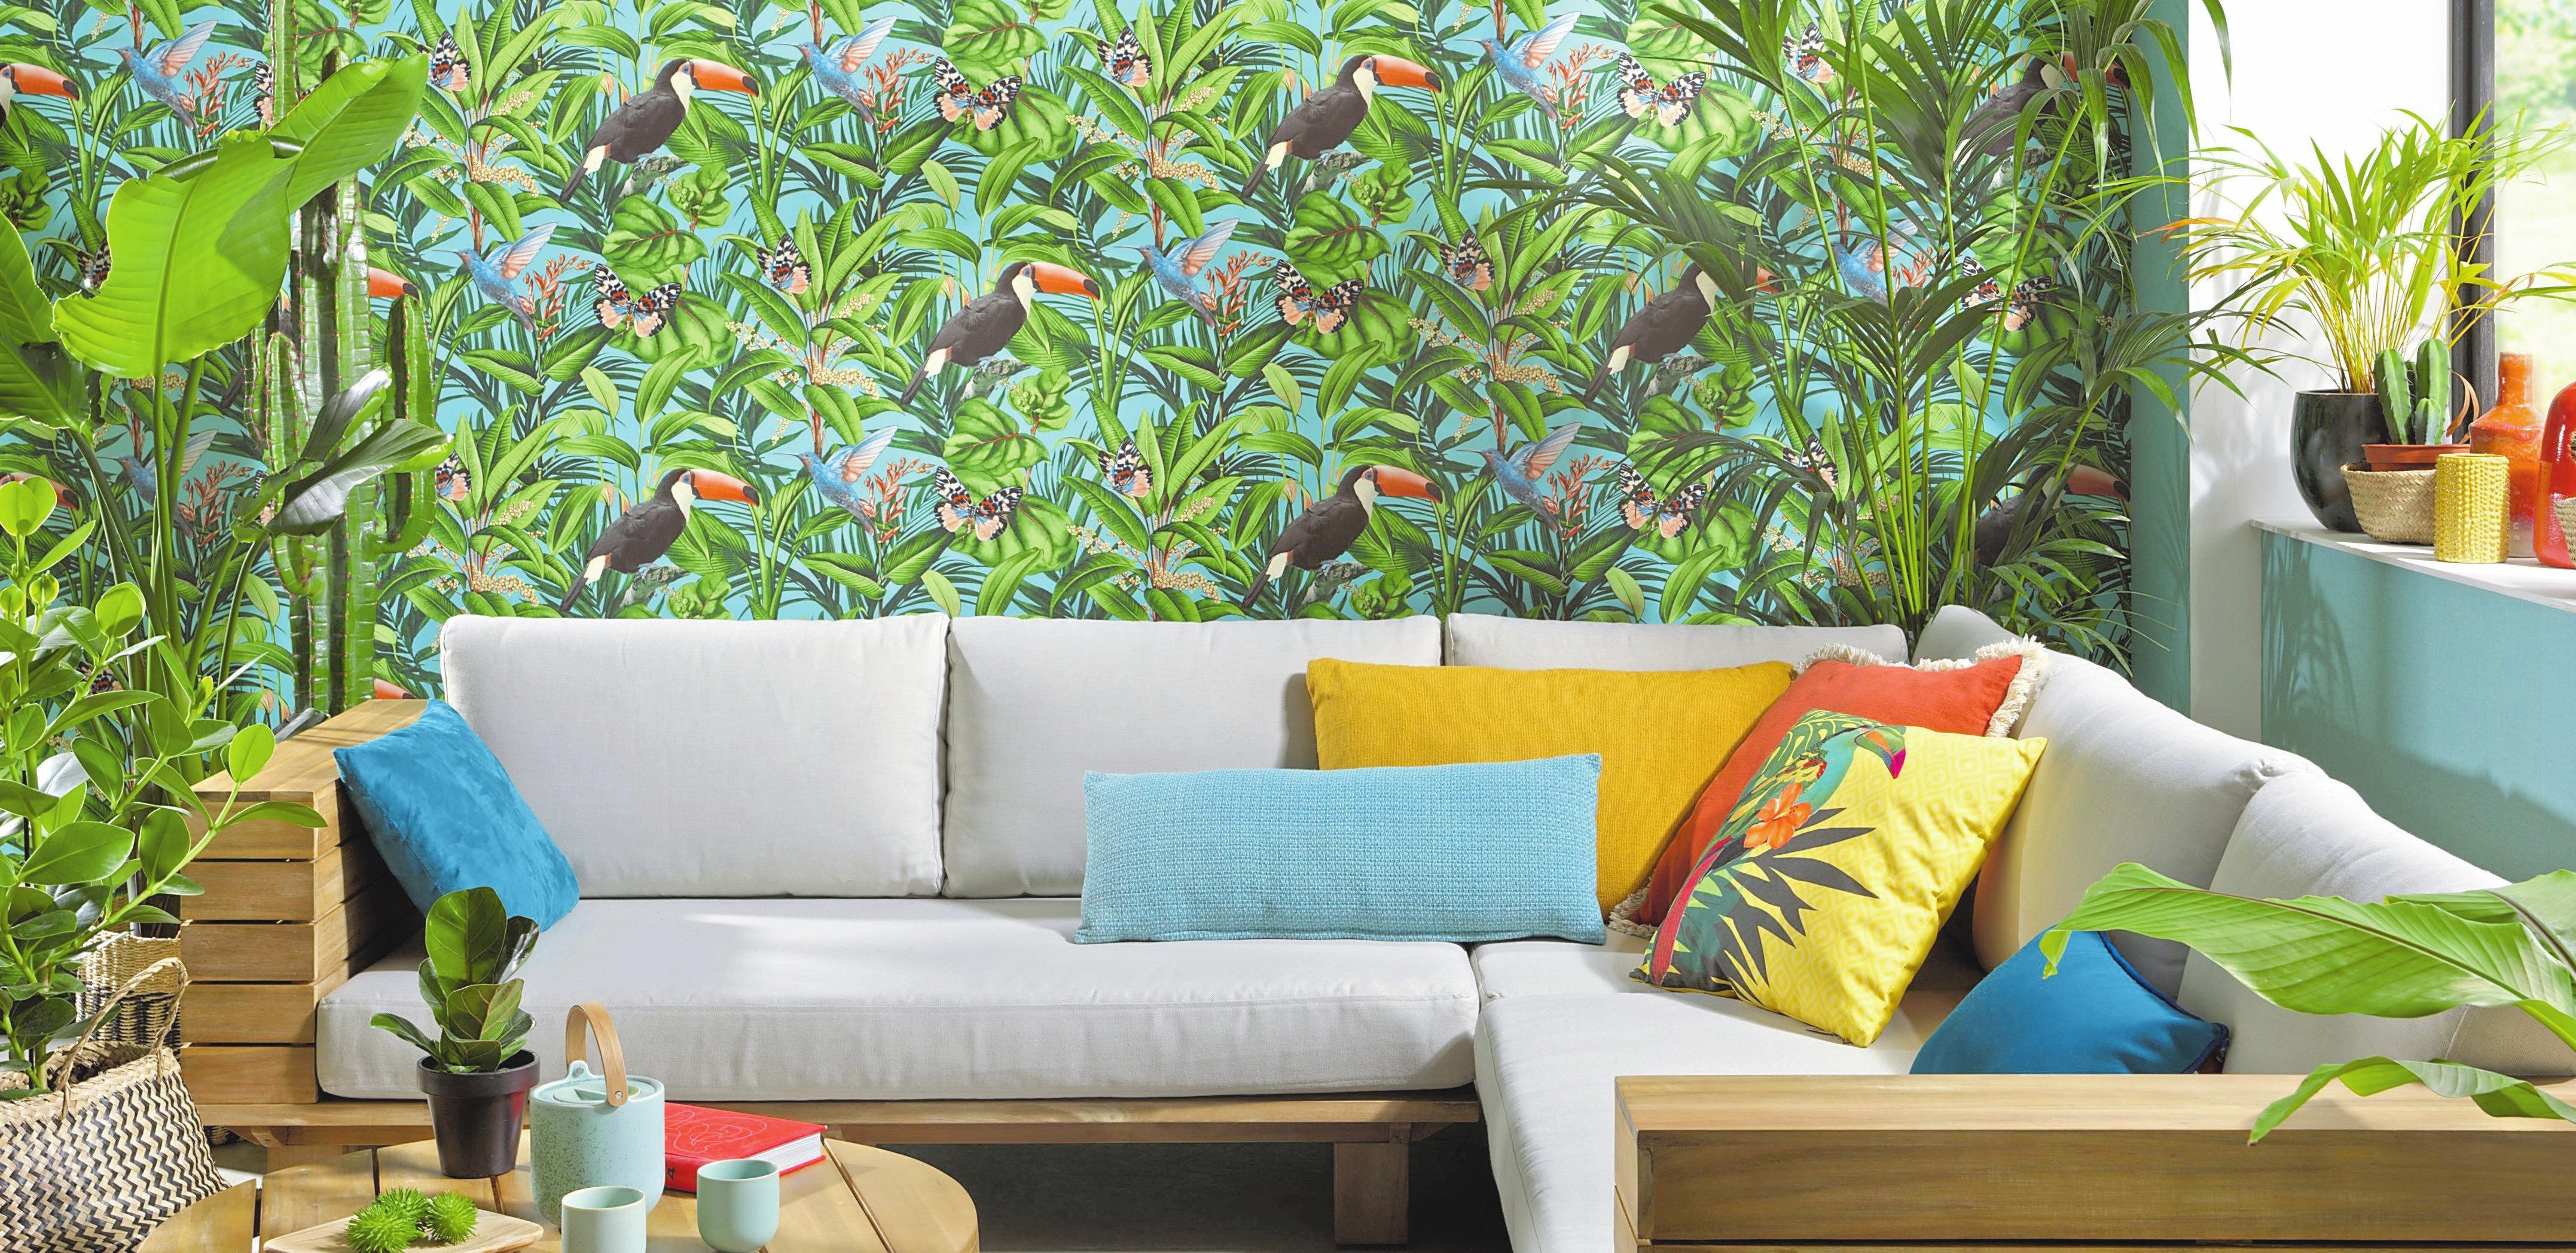 Weiterhin angesagt: Regenwaldmotive für Wände in Mitteleuropa und ein Gefühl von etwas Urlaub und Exotik. Foto: dpa/DTI/Erismann